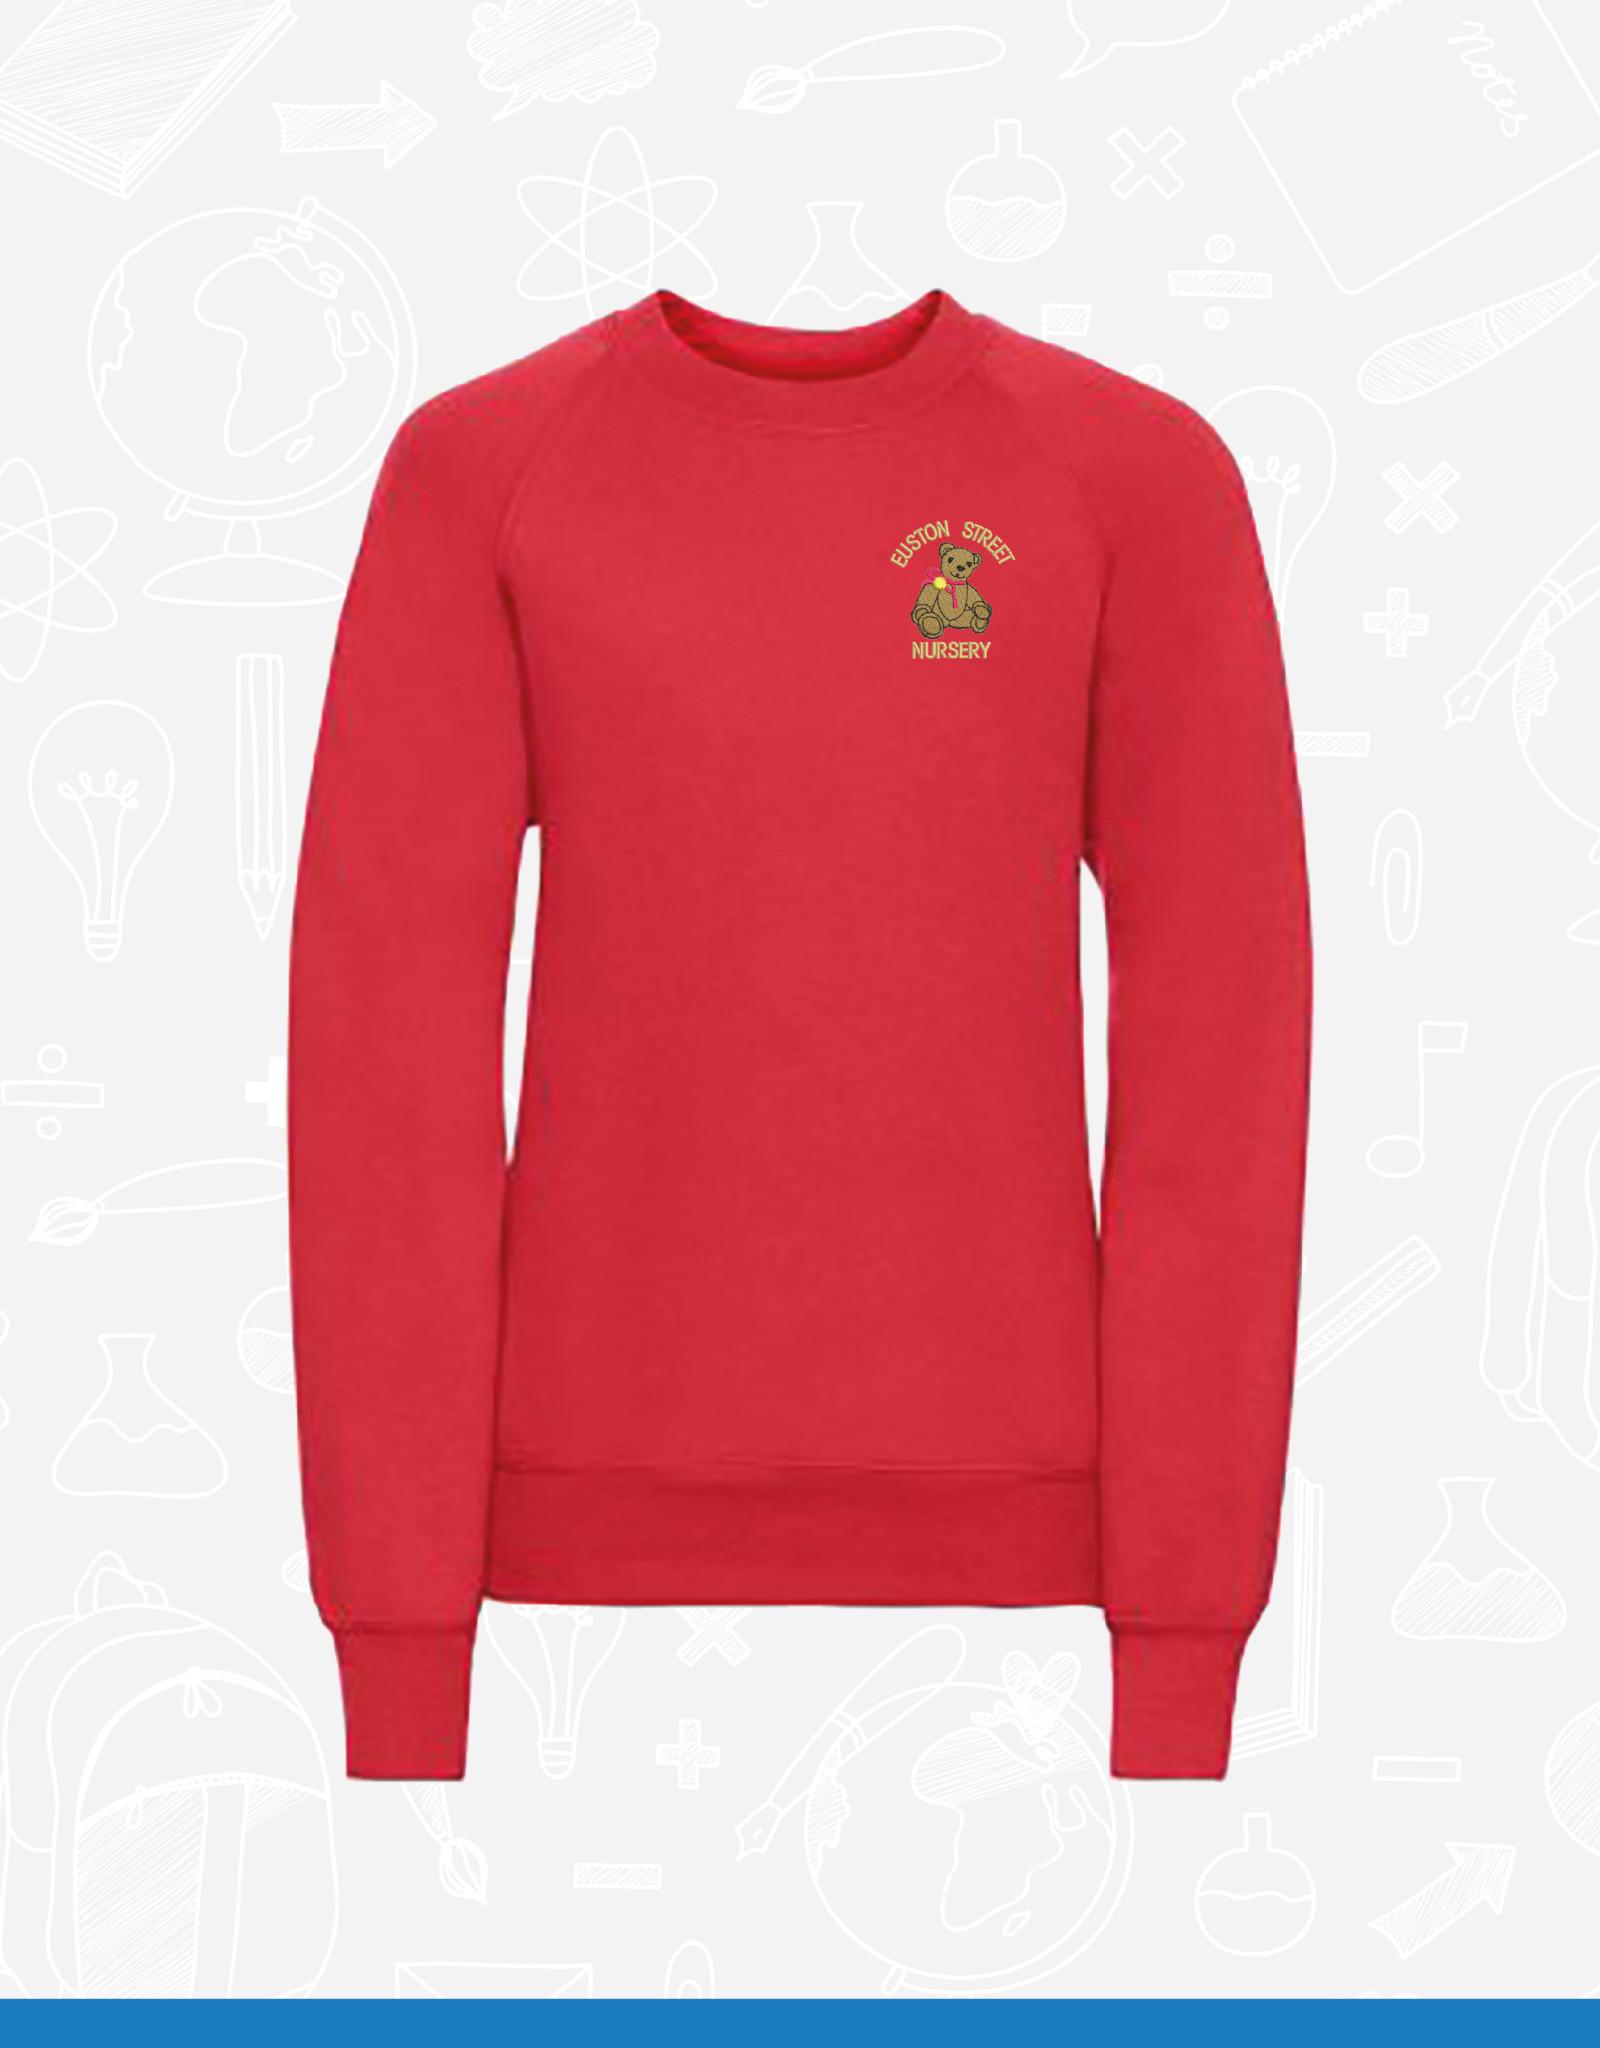 Jerzees Euston Street Nursery Sweatshirt (762B)